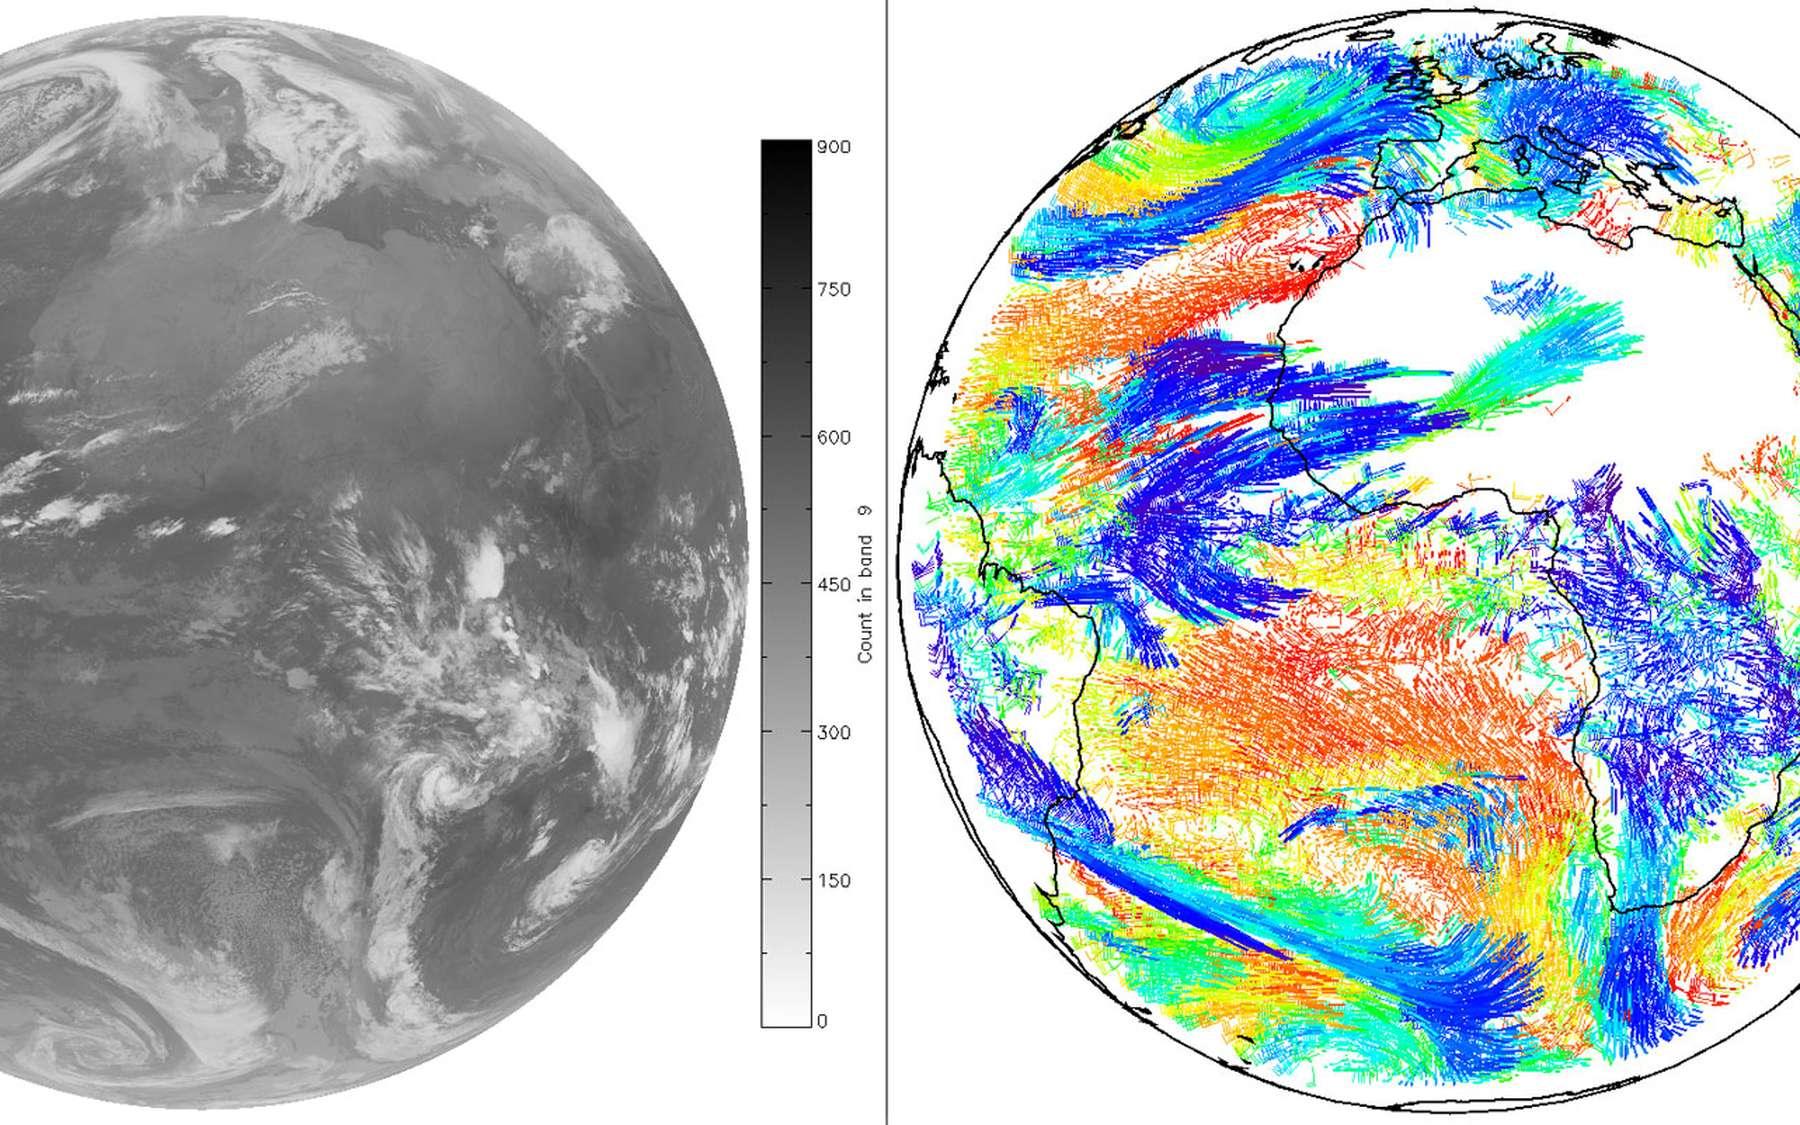 À gauche, une image acquise par l'instrument Seviri à bord du satellite géostationnaire Meteosat de seconde génération, le 5 janvier 2014. À droite, les vents dérivés à partir de cette image, les couleurs représentant l'altitude du vecteur vent. © Eumetsat